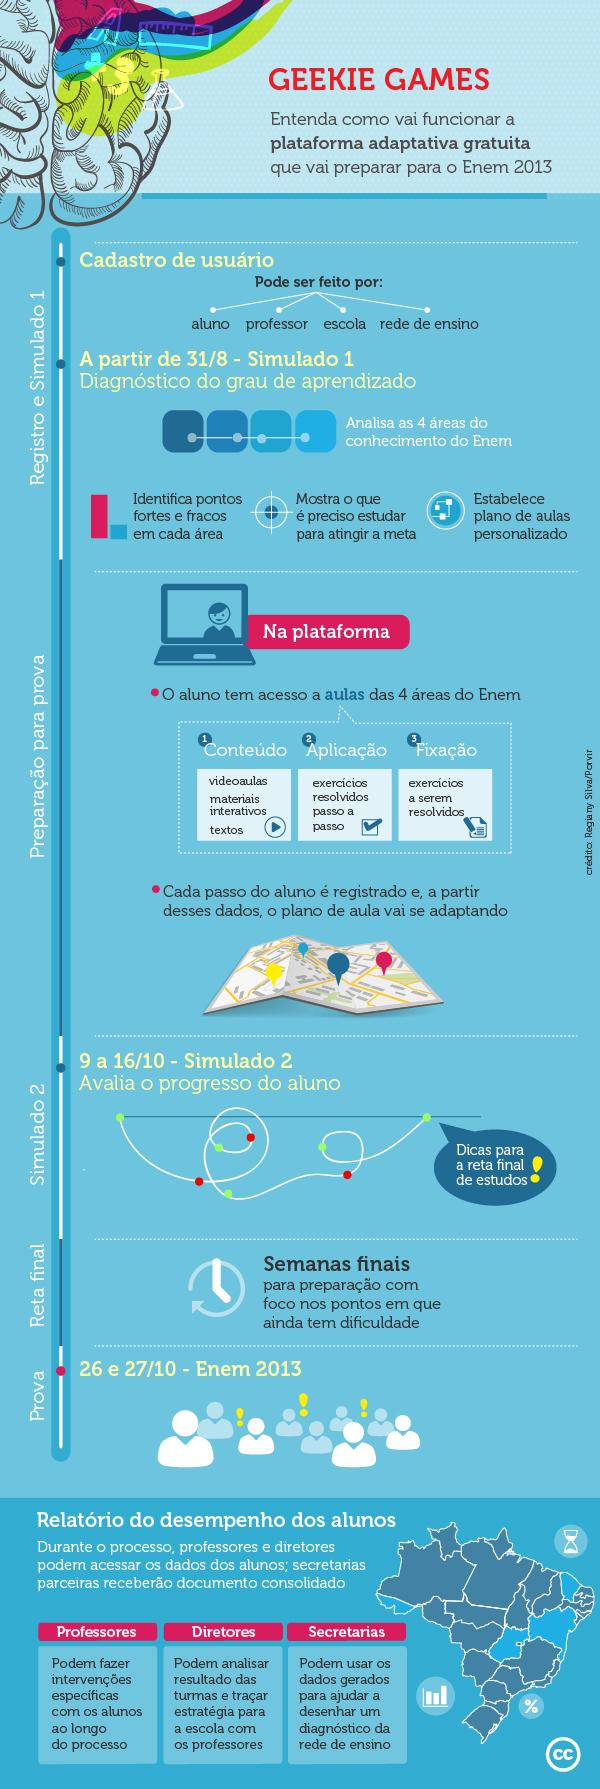 Primeira plataforma adaptativa brasileira entra no ar para preparar para o Enem